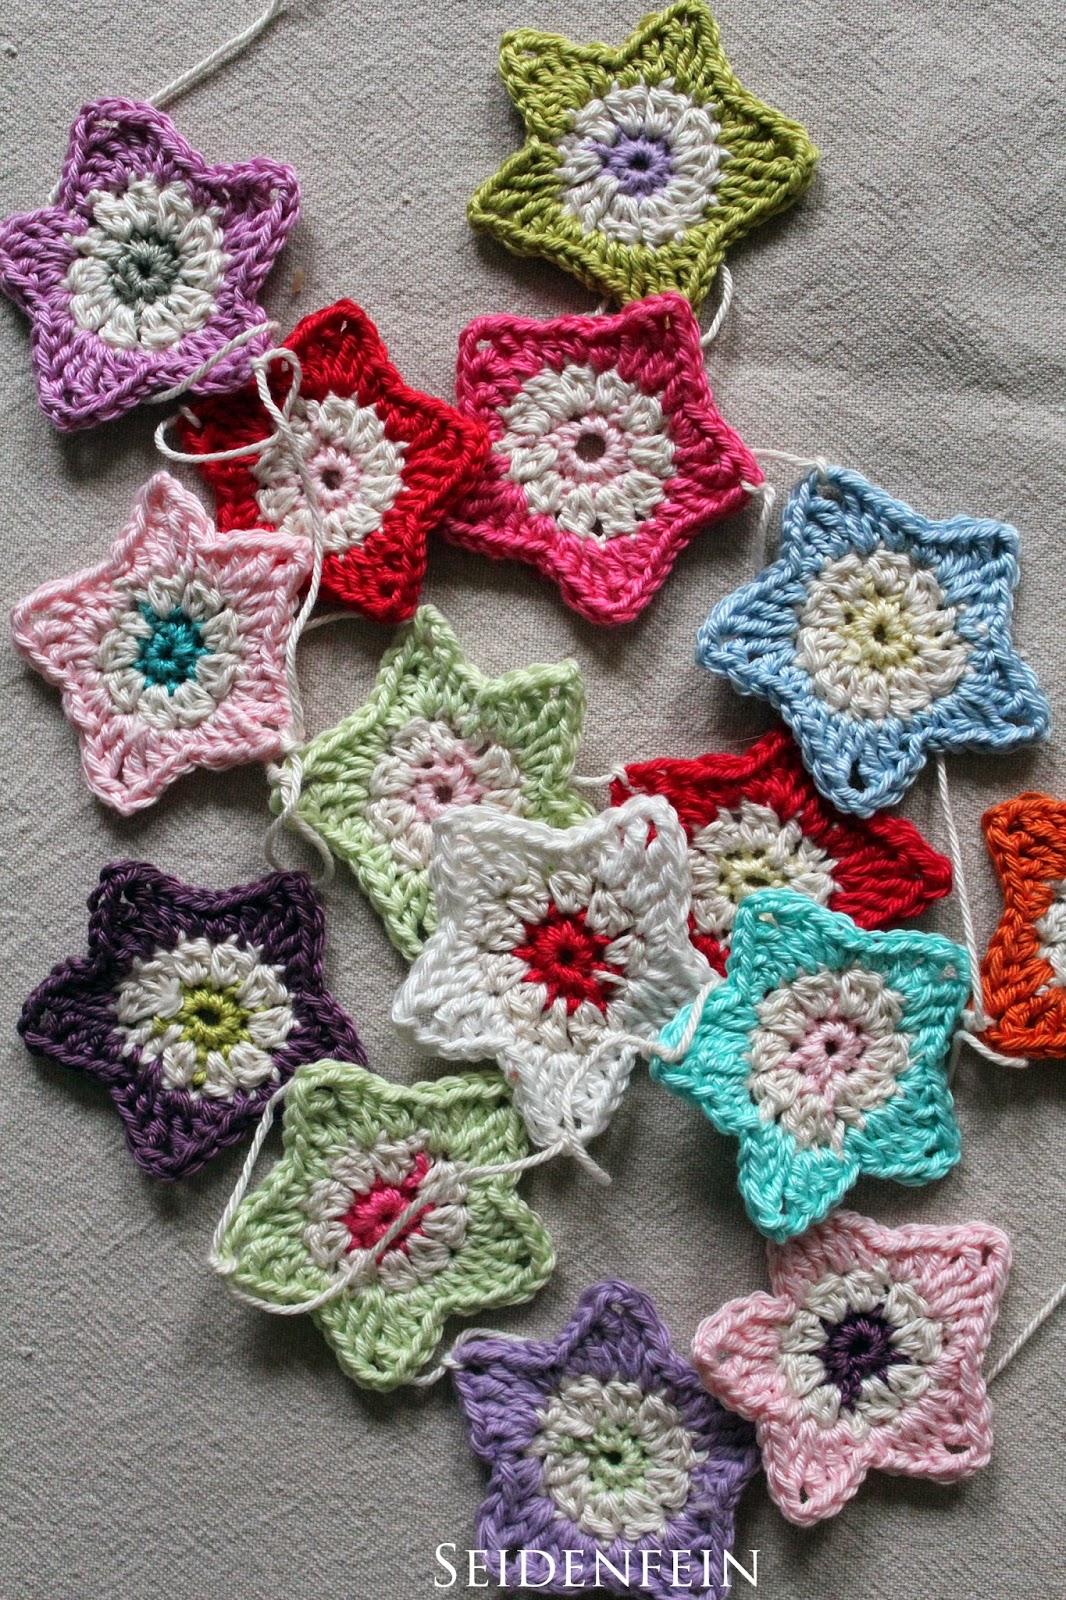 seidenfeins blog vom sch nen landleben 16 sternchengirlande diy crochet a star garland. Black Bedroom Furniture Sets. Home Design Ideas